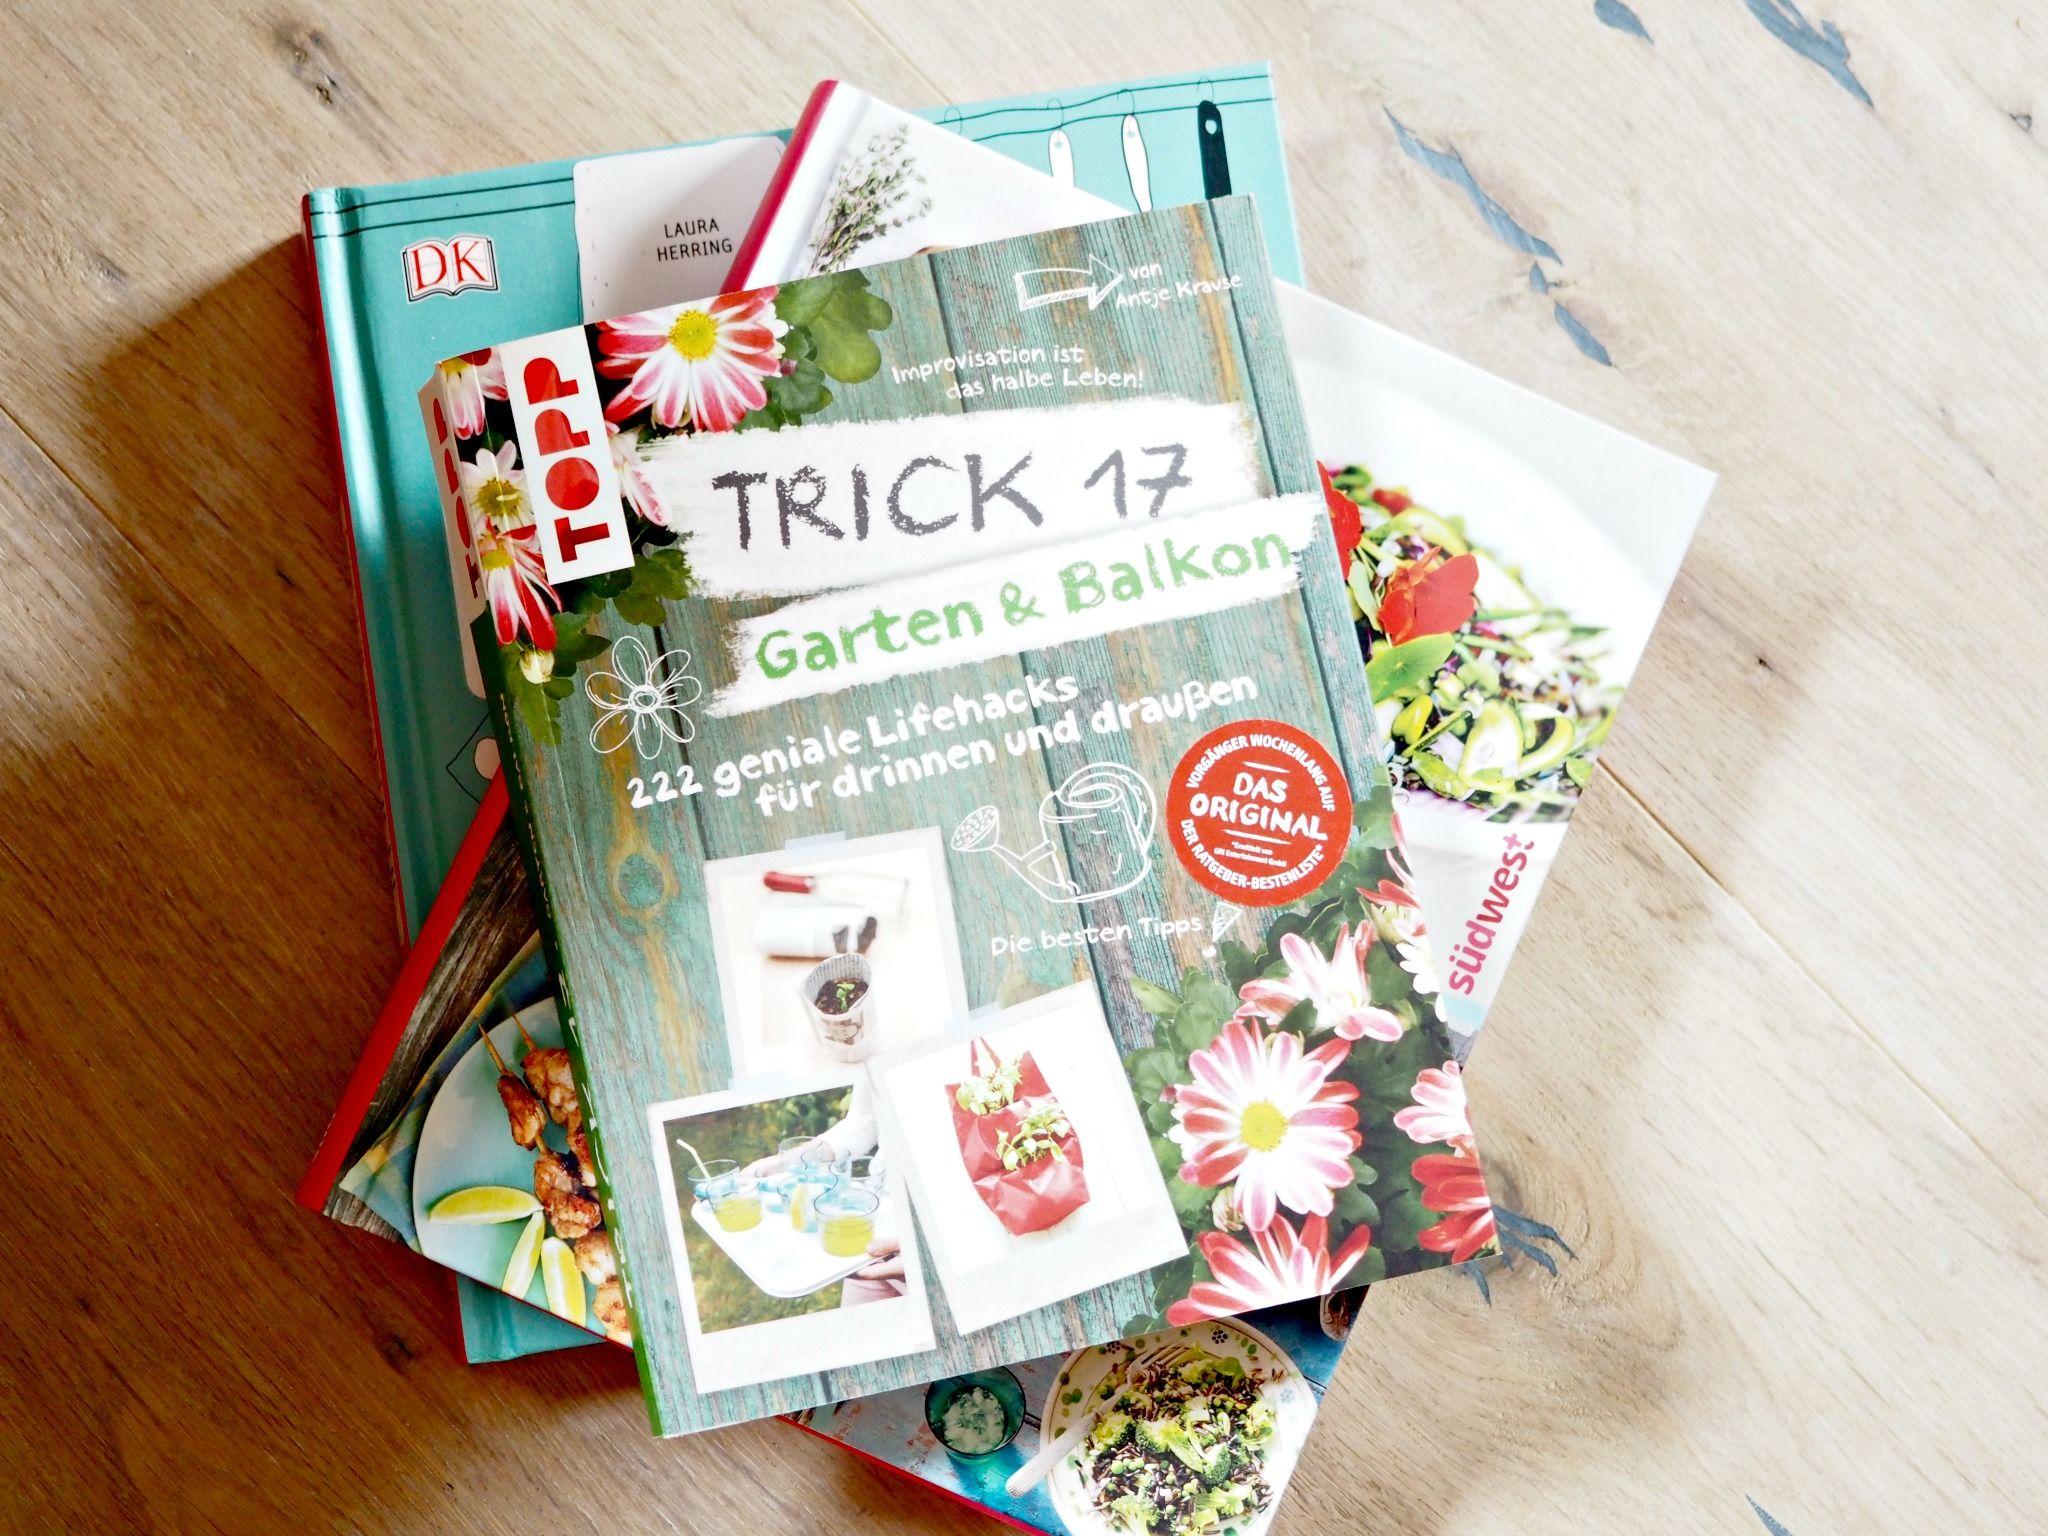 Pinterest in Buchform - jede Menge Hacks und Ideen für den Garten und Balkon